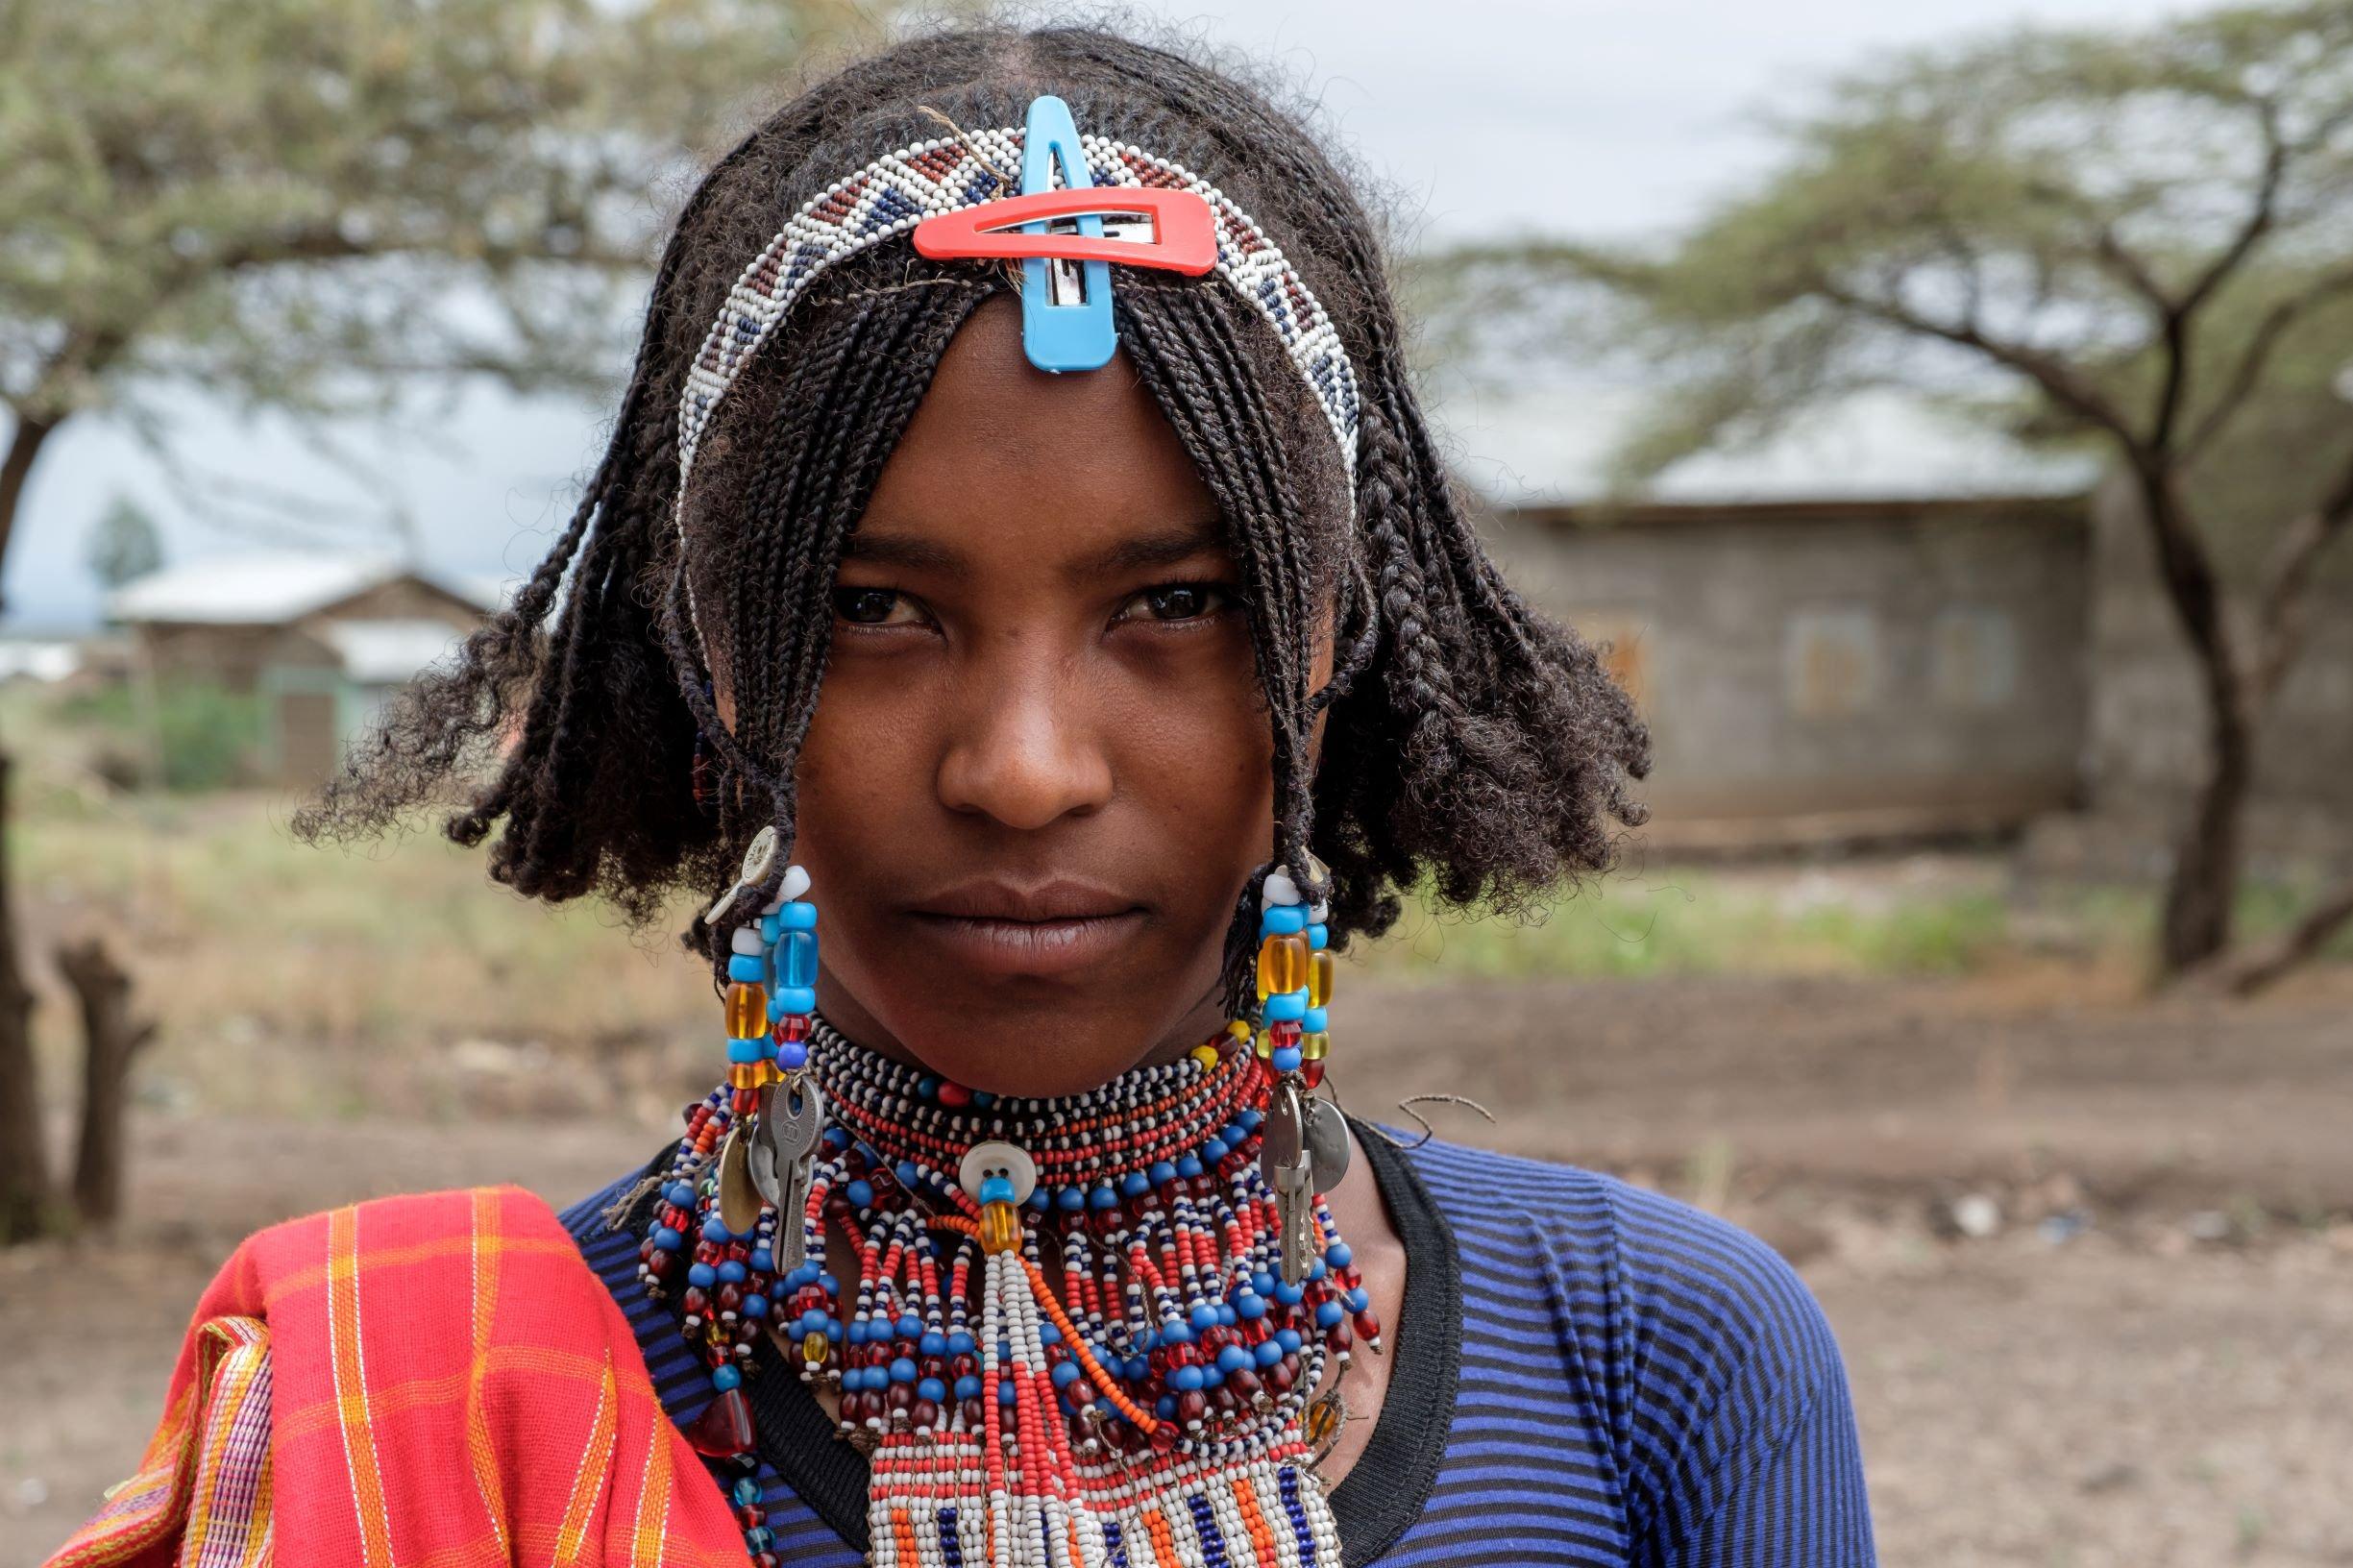 Girl from Afar